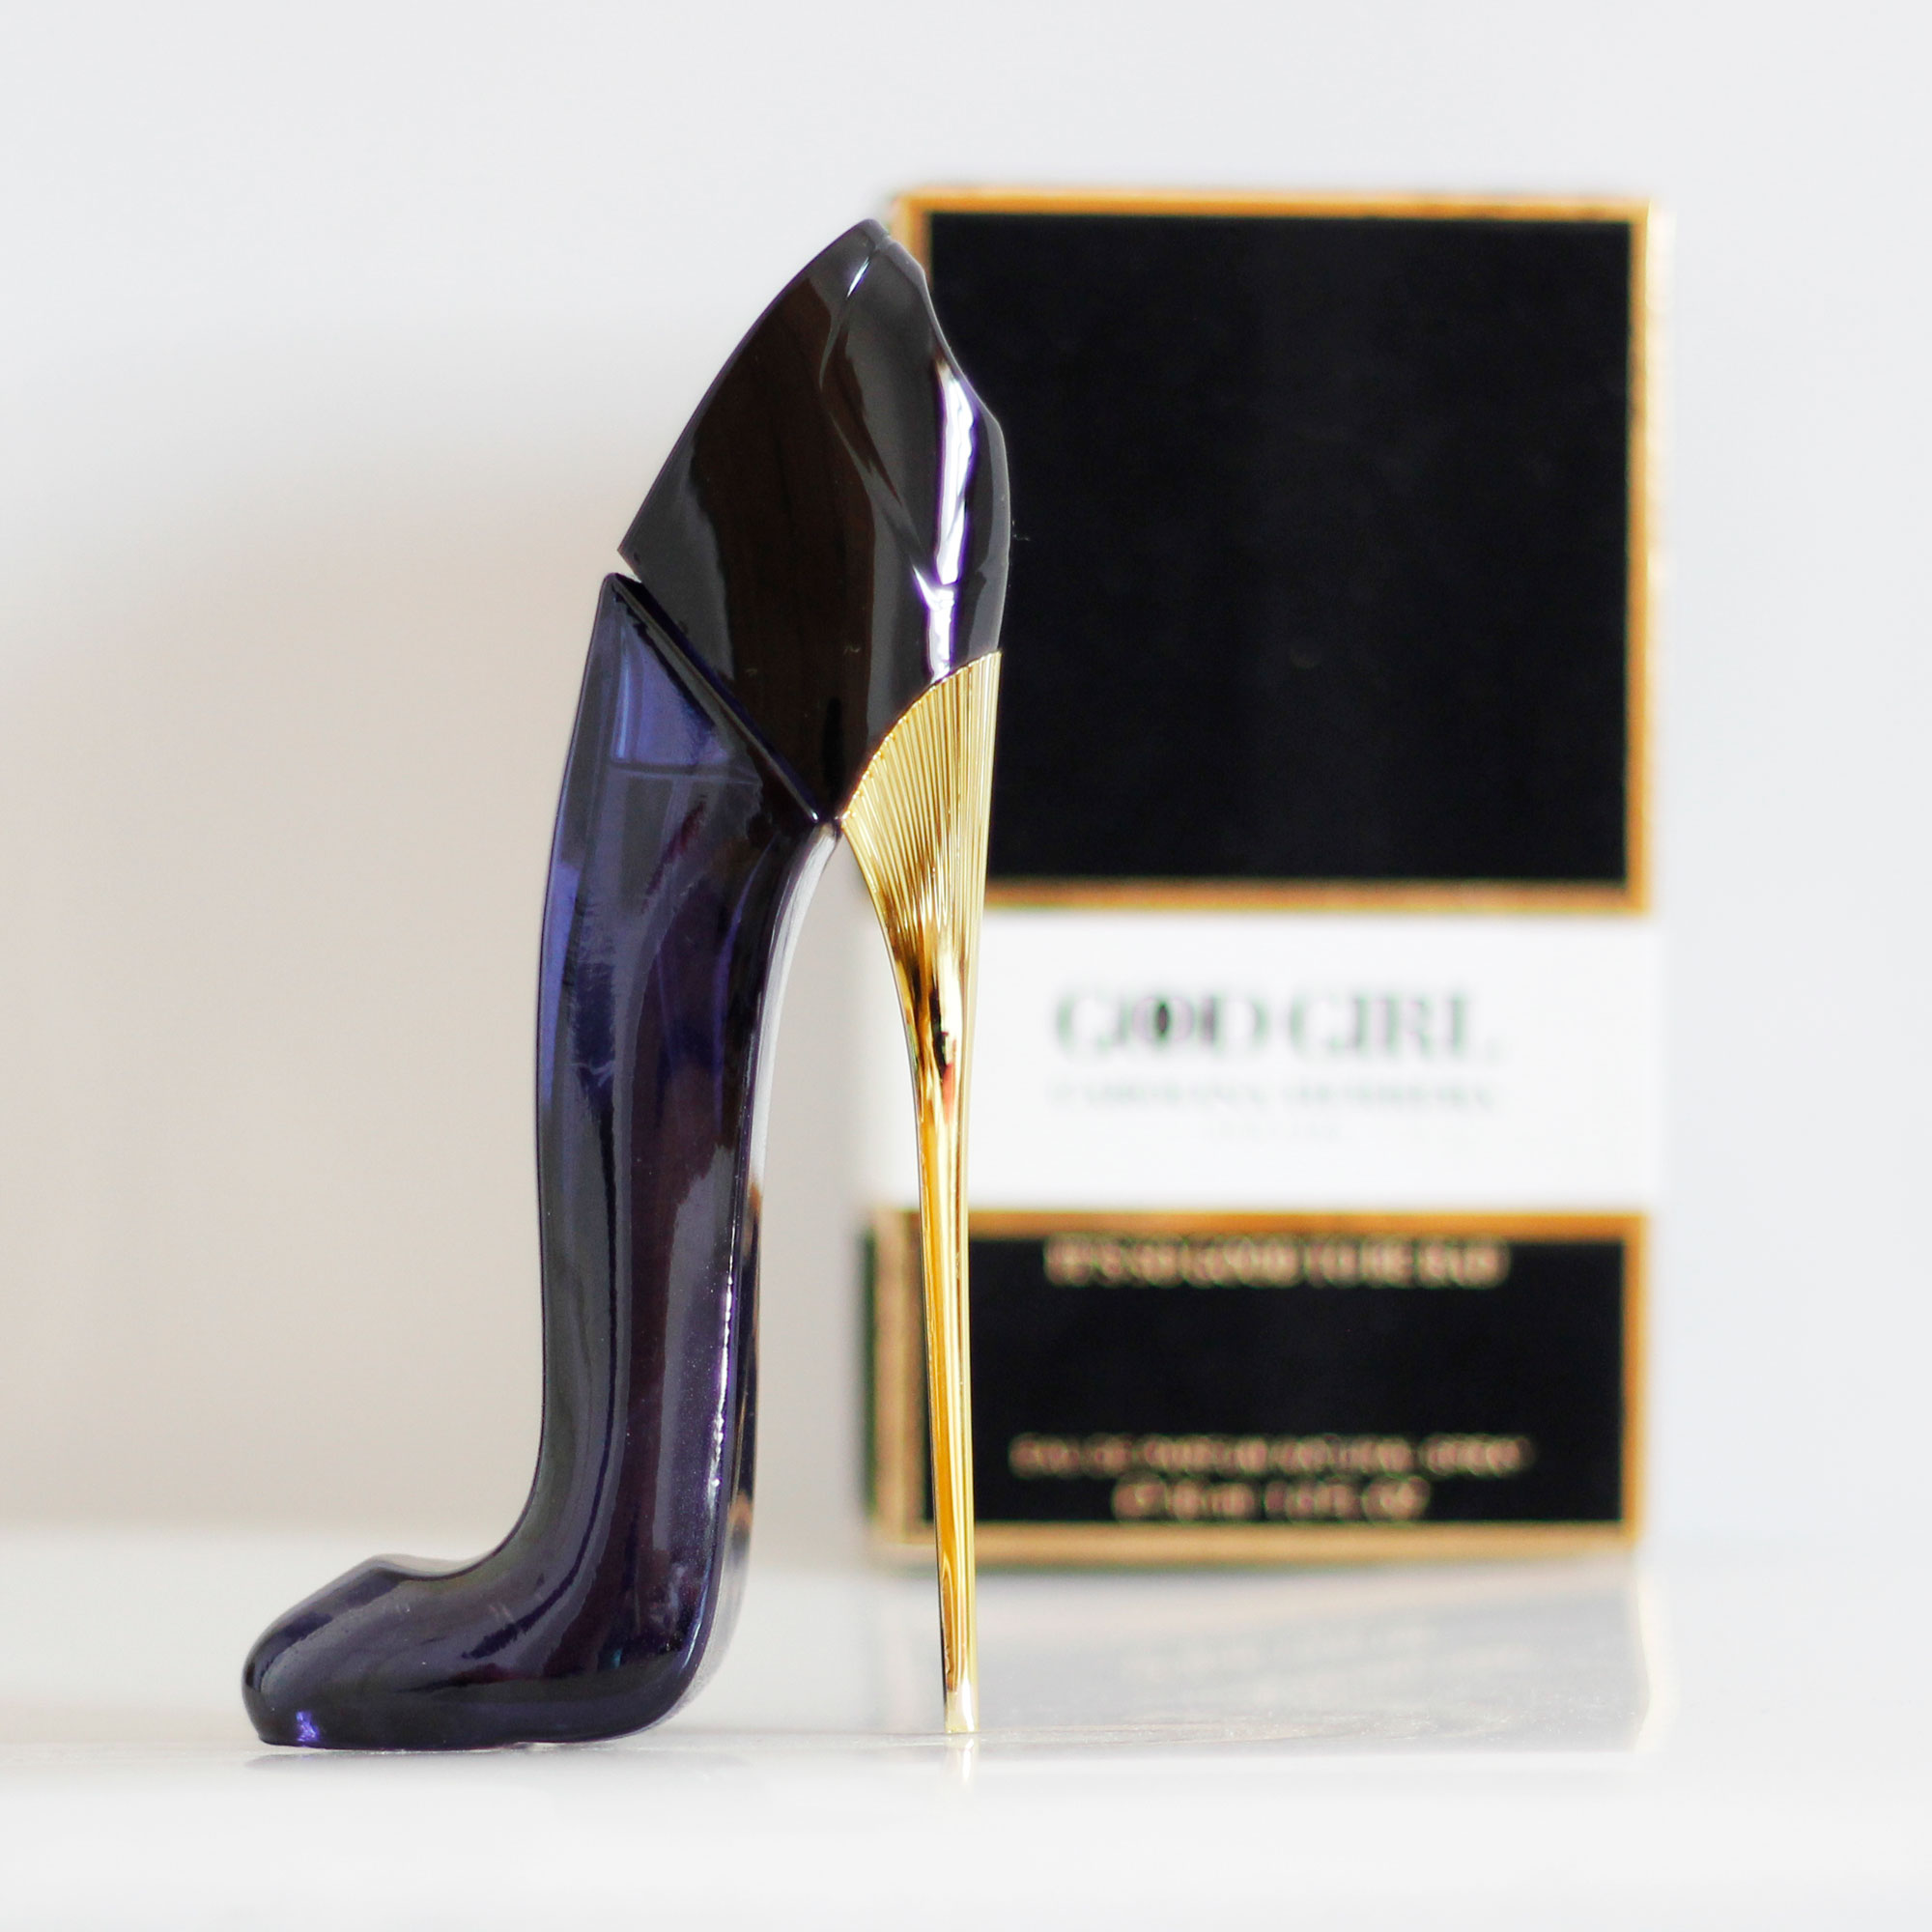 Good Girl có hình dáng của chiếc giày pha lê cùng phần gót nhọn vàng đồng tinh tế, sắc sảo